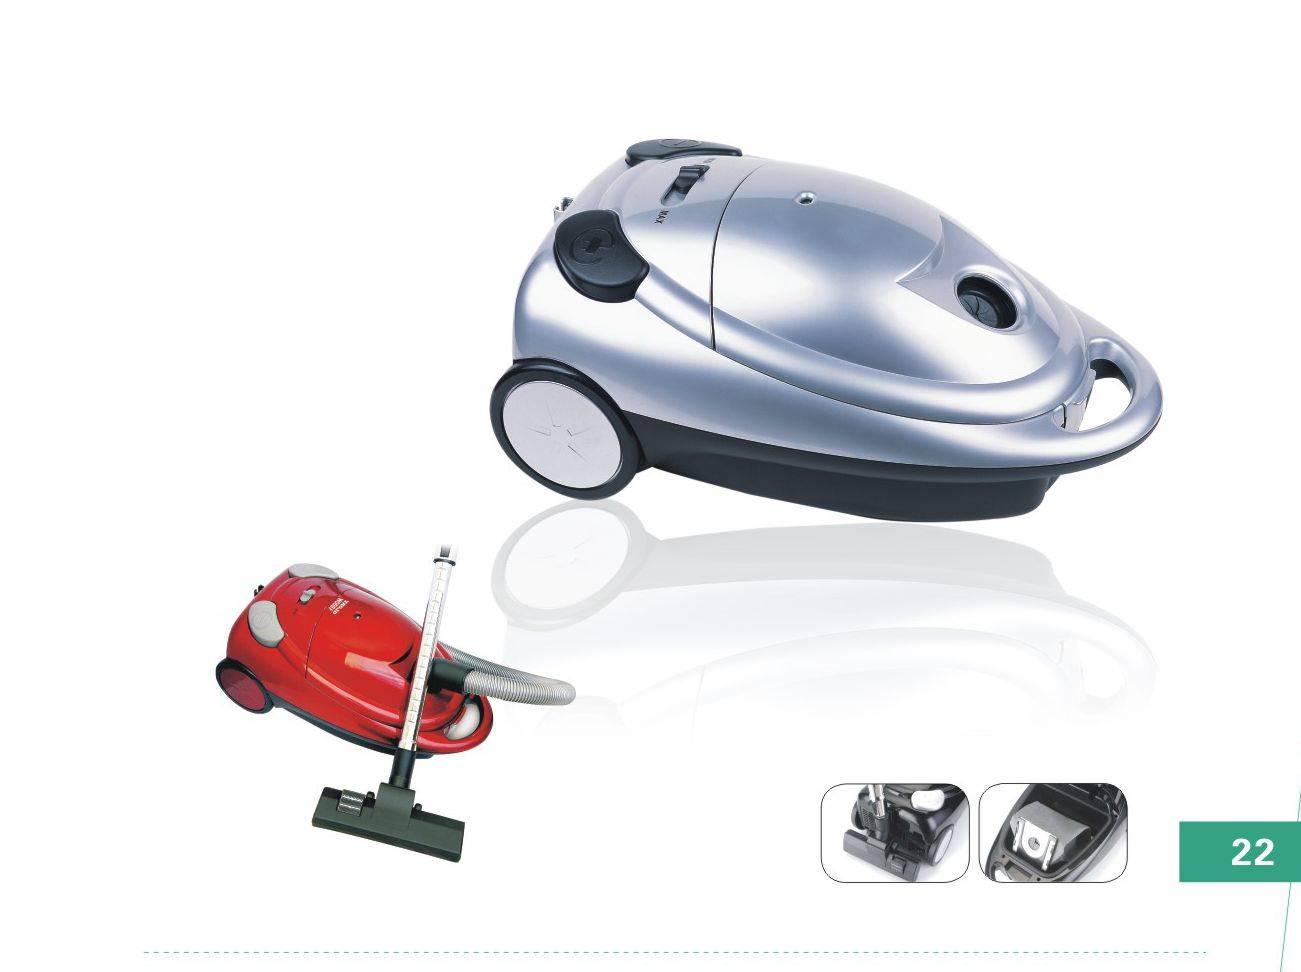 Vacuum Cleaner DJL-903